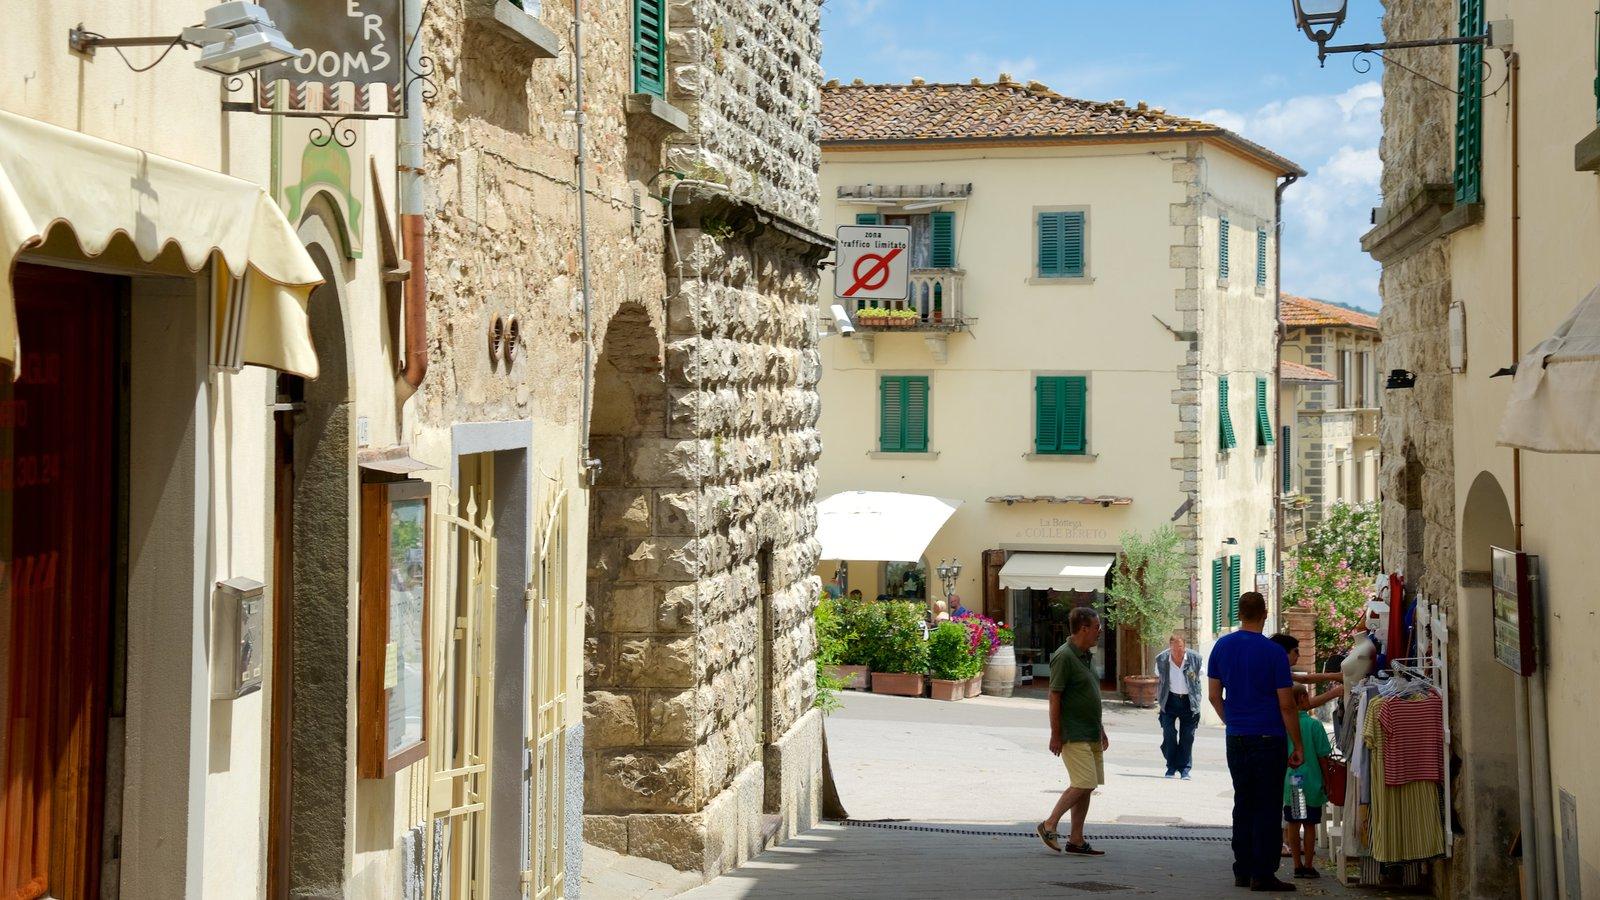 Radda in Chianti showing heritage architecture